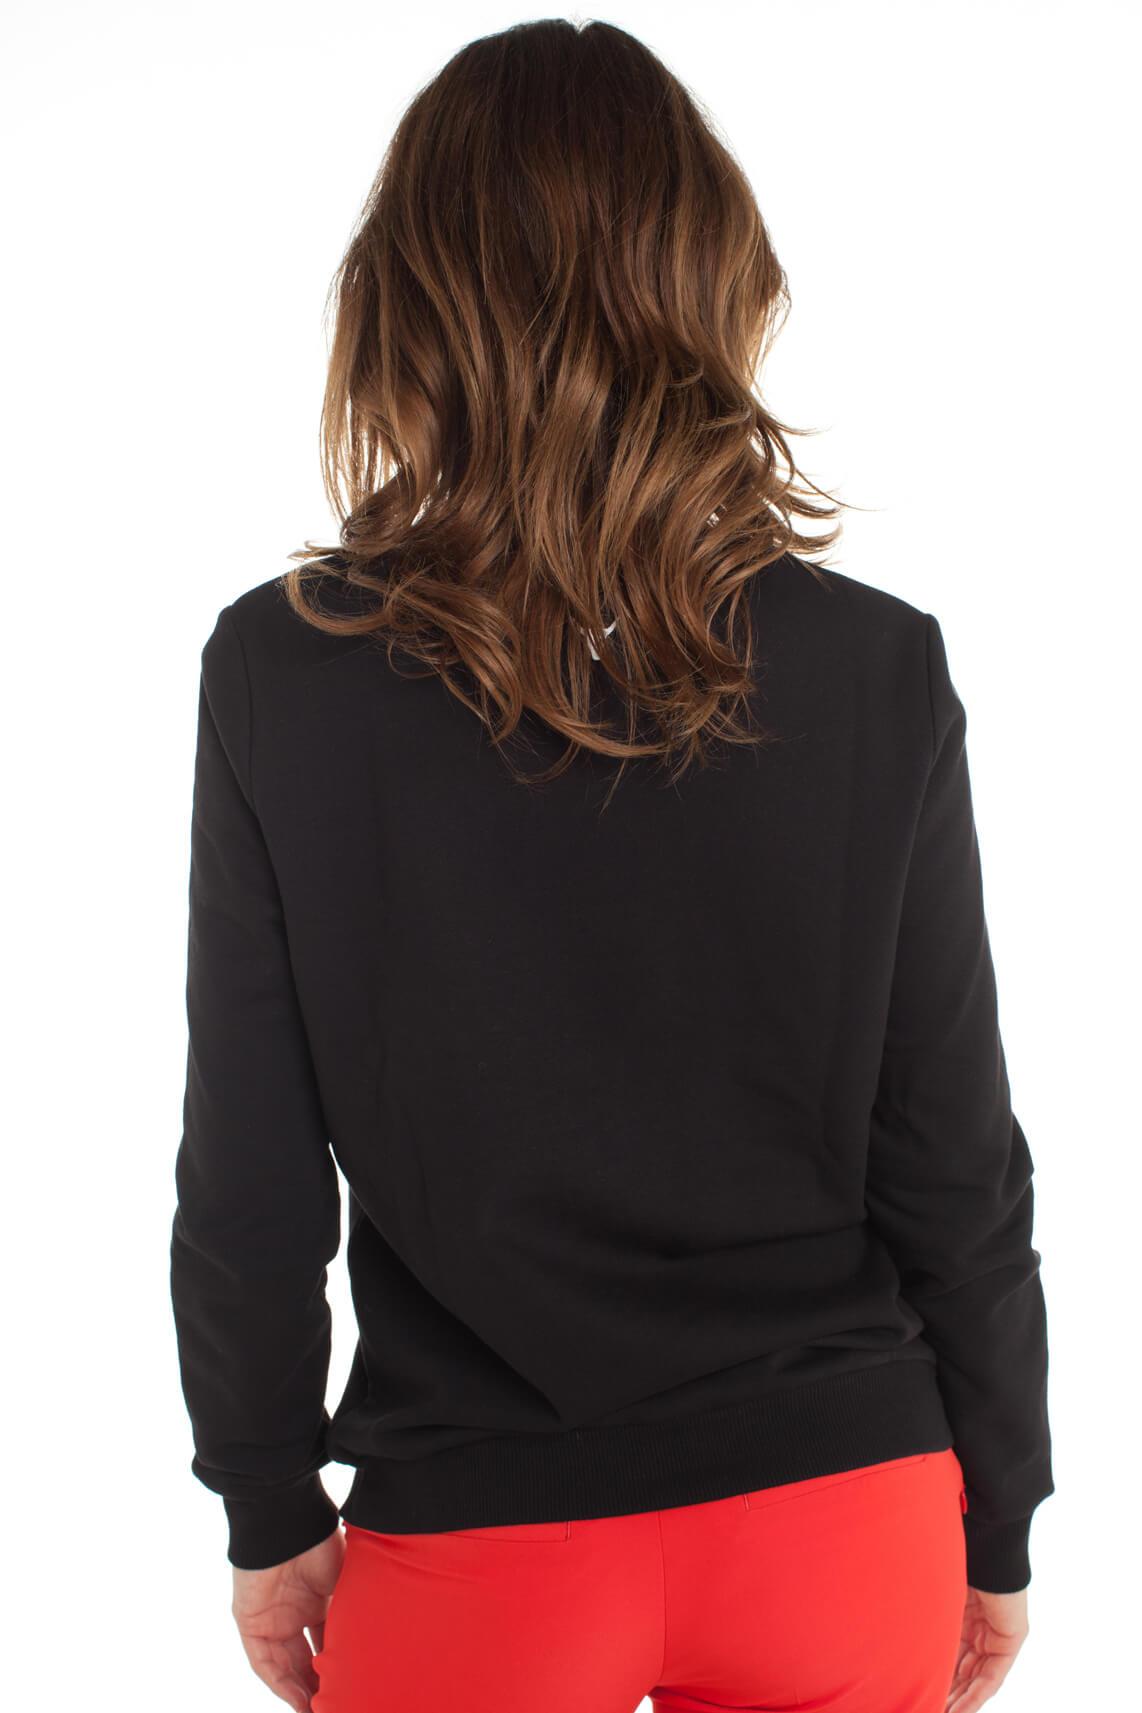 Alix The Label Dames Sweater met tekstprint zwart